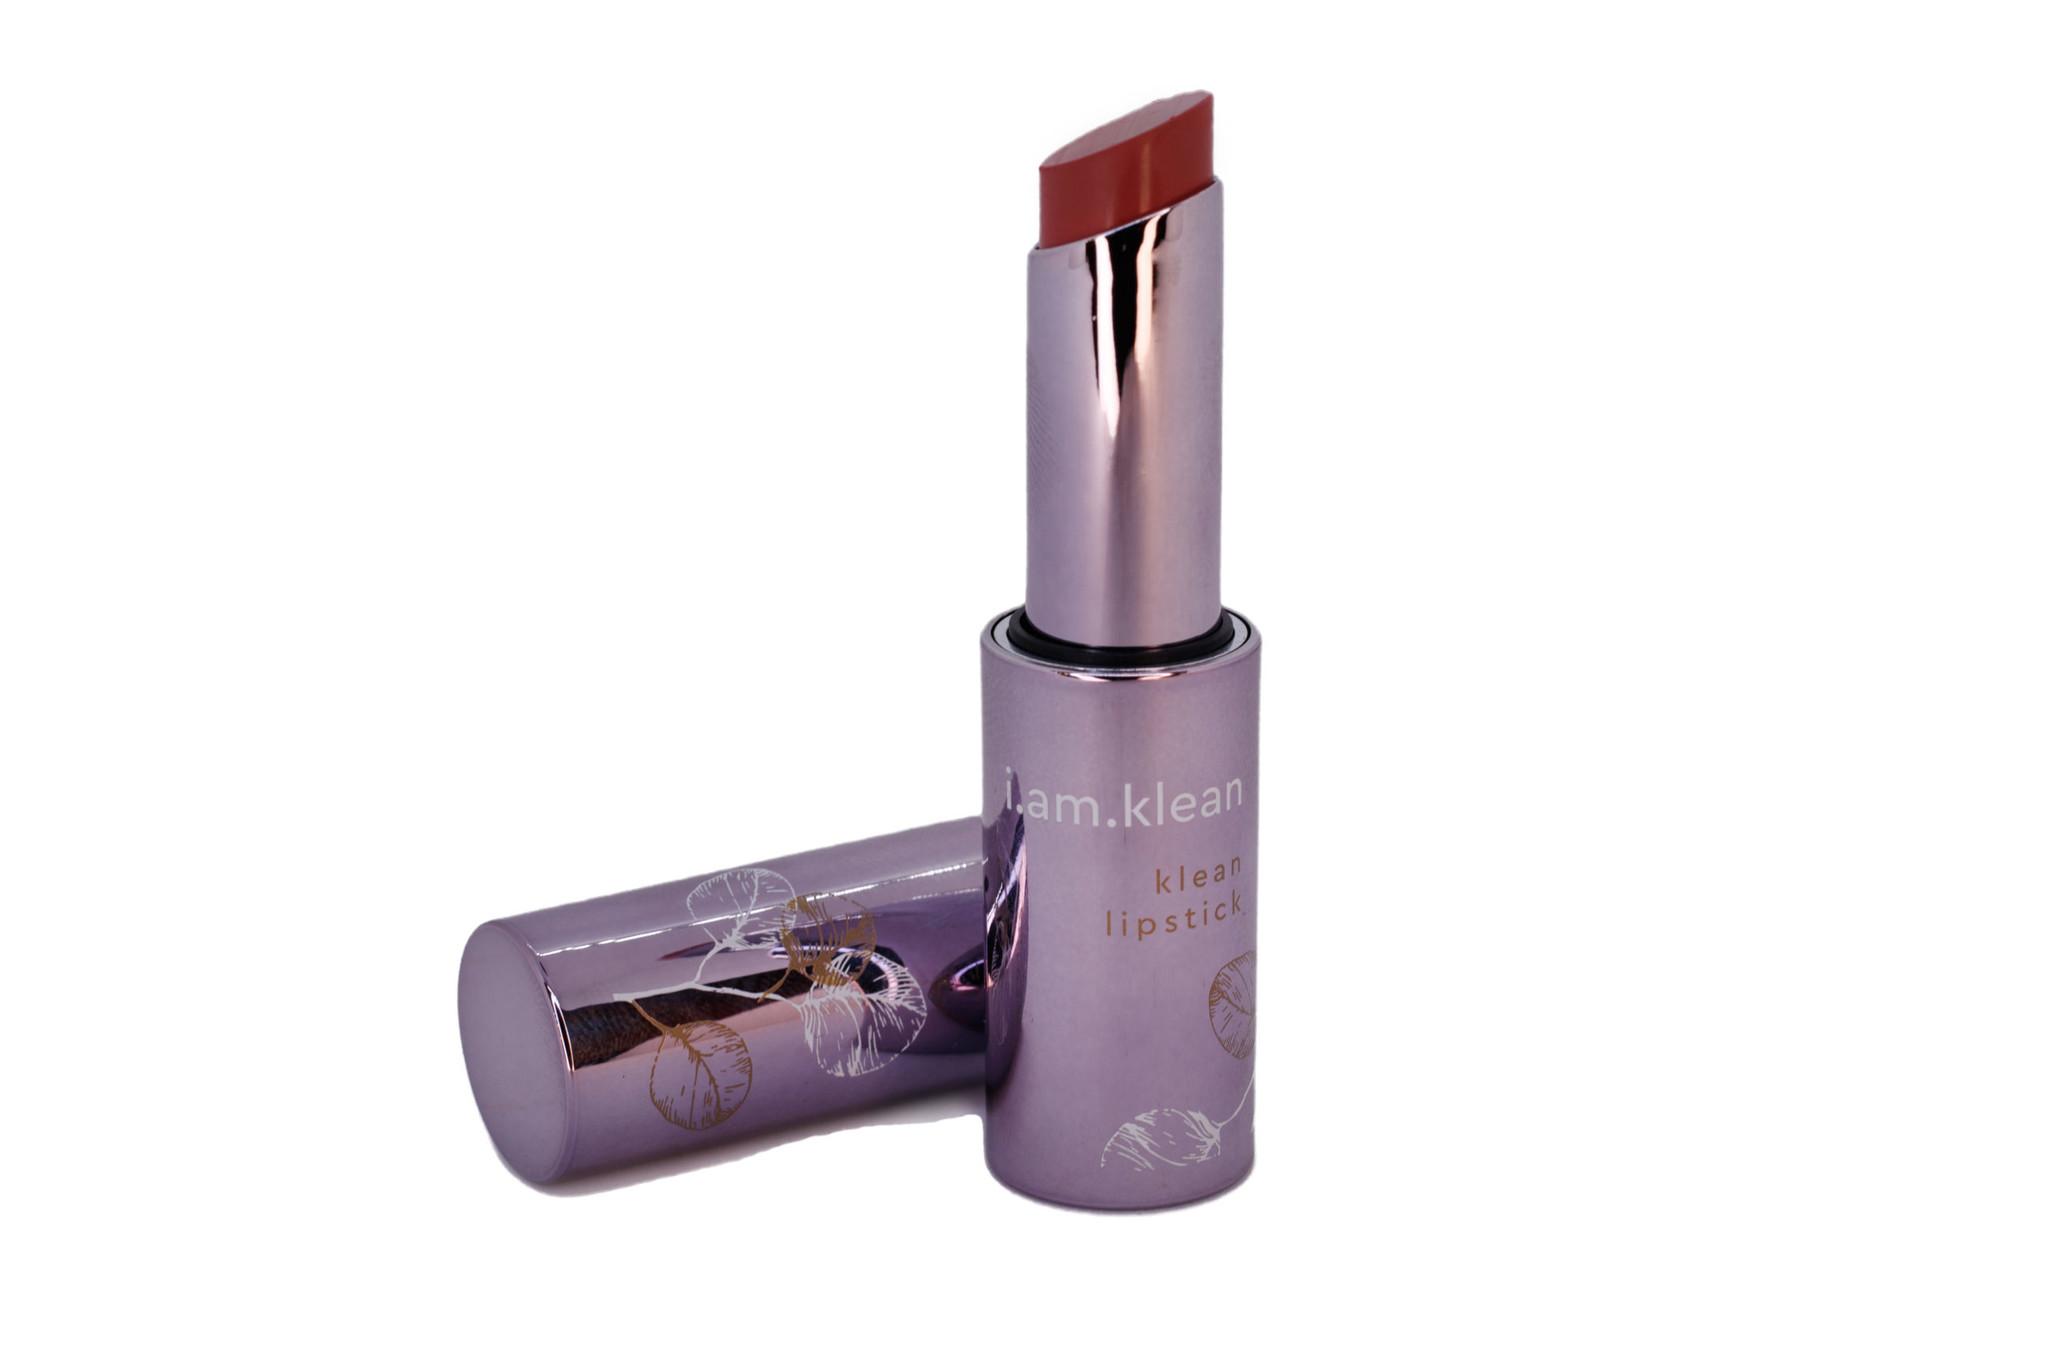 Klean Lipstick-5